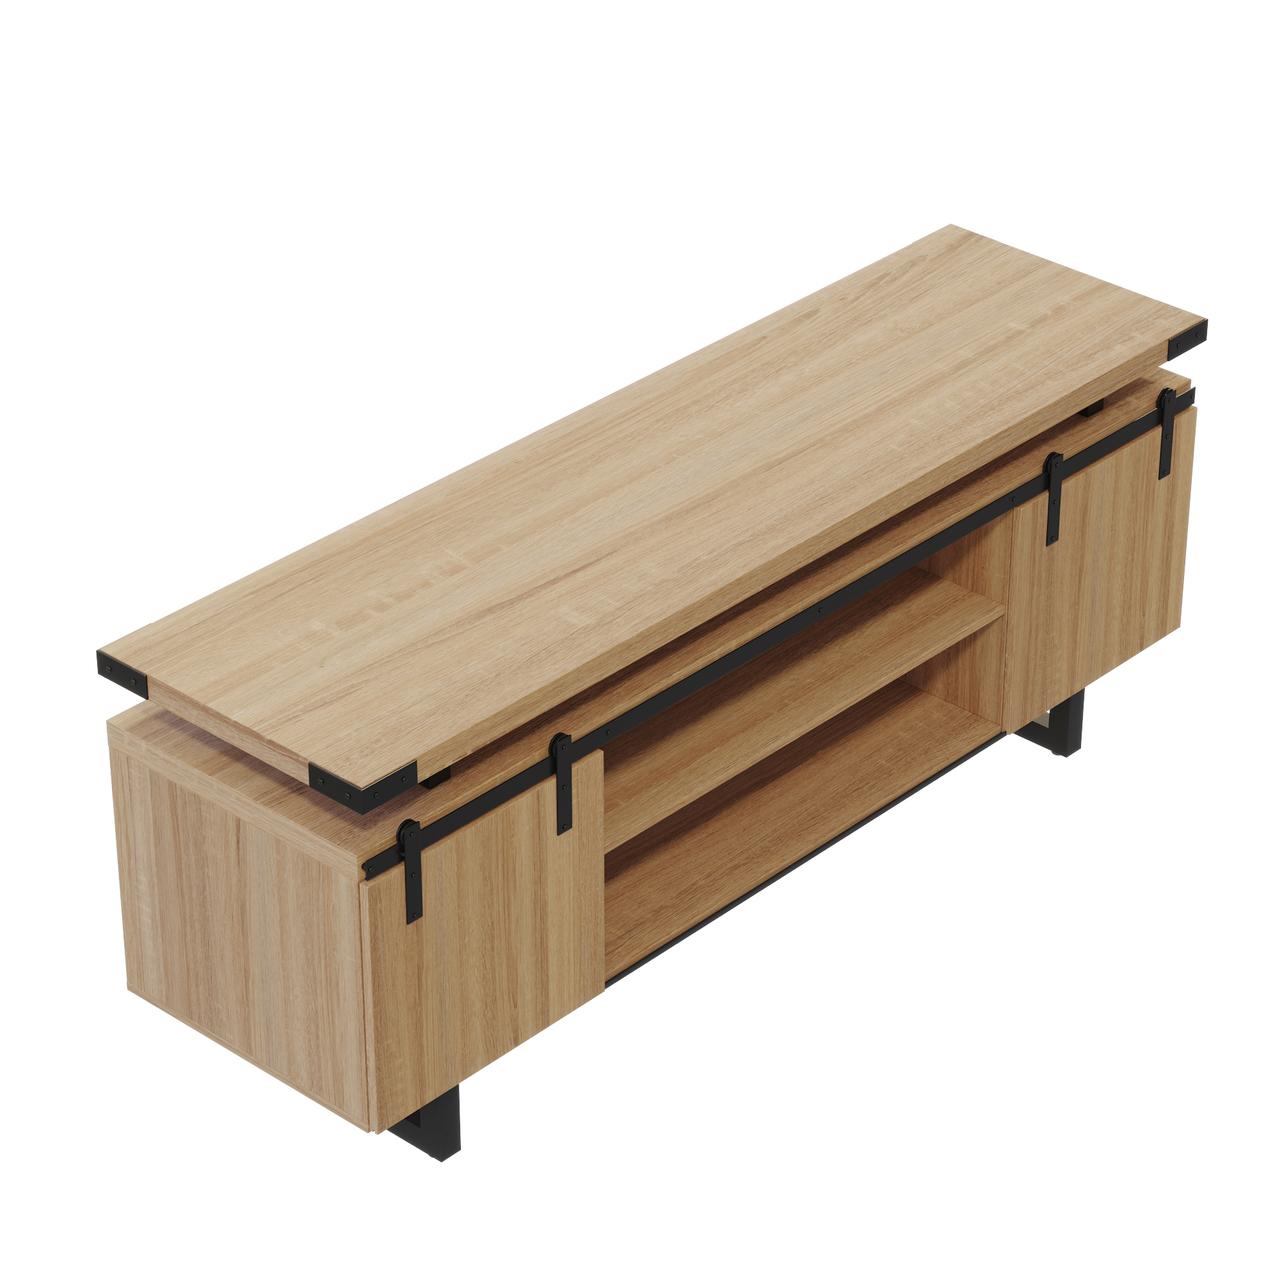 mirella MRLWCWD low wall cabinet with sand dune finish